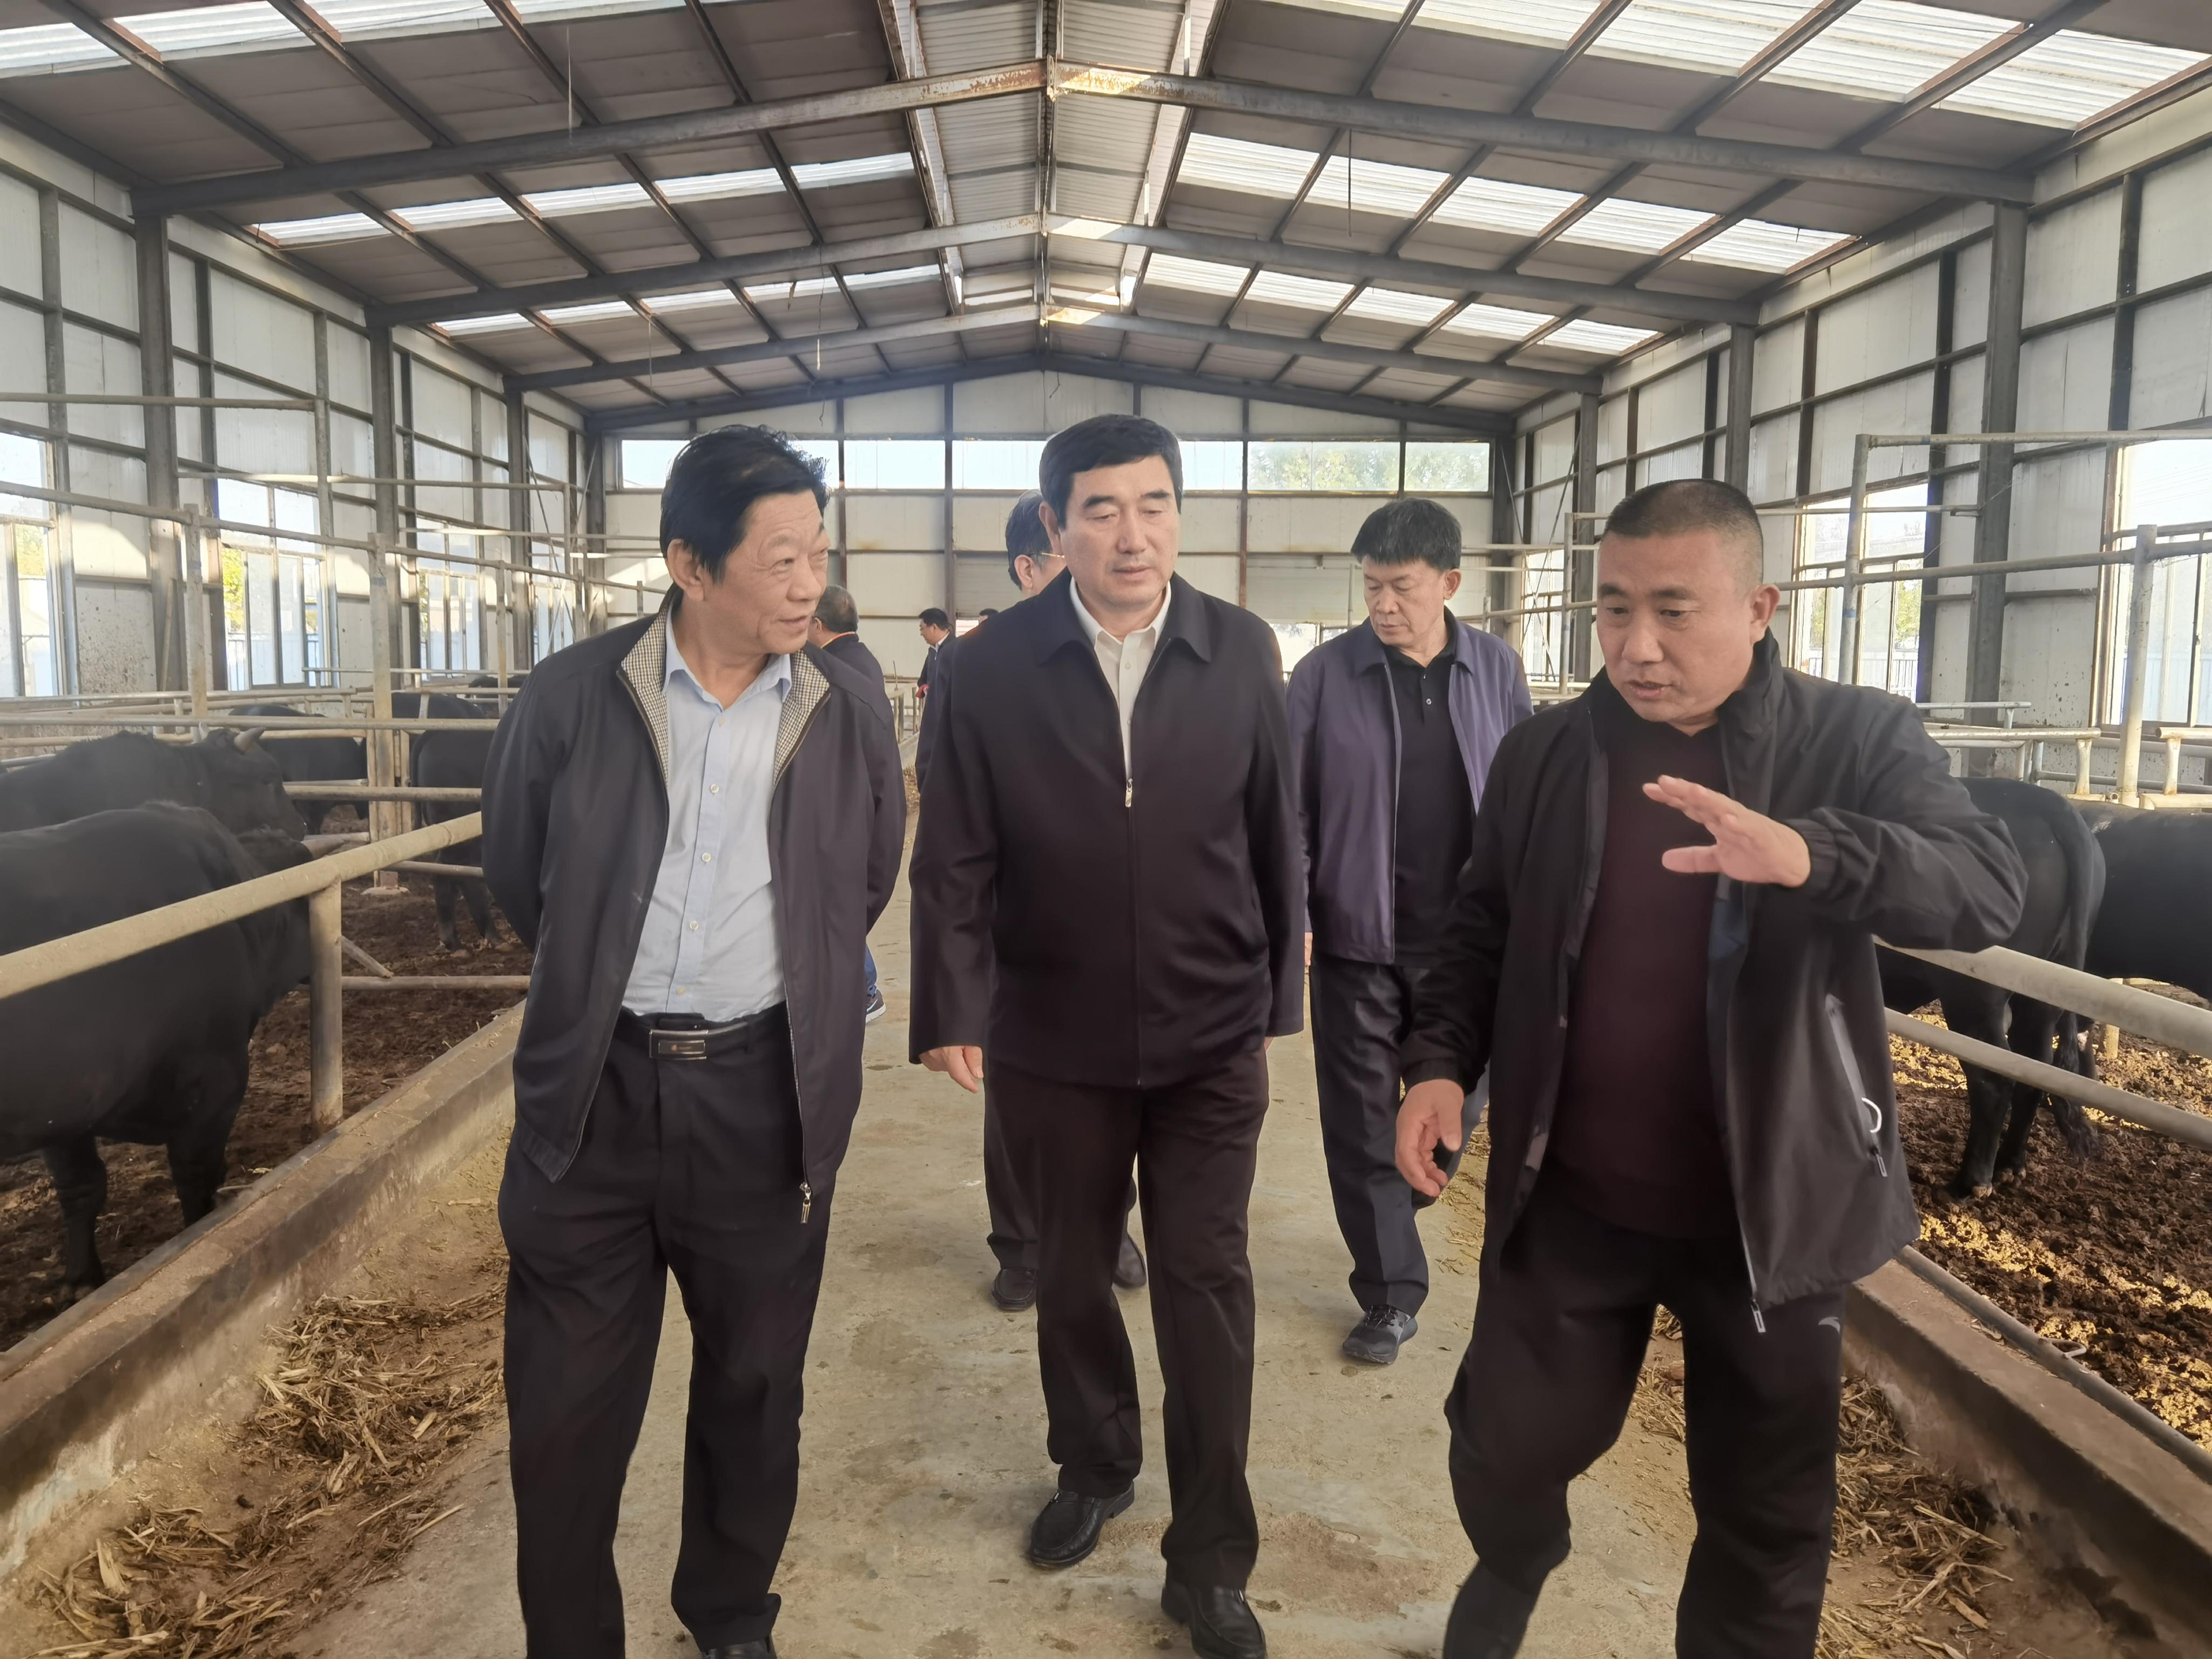 滨州畜牧产业专班:畜牧产业稳产提质  龙头领军强链延链